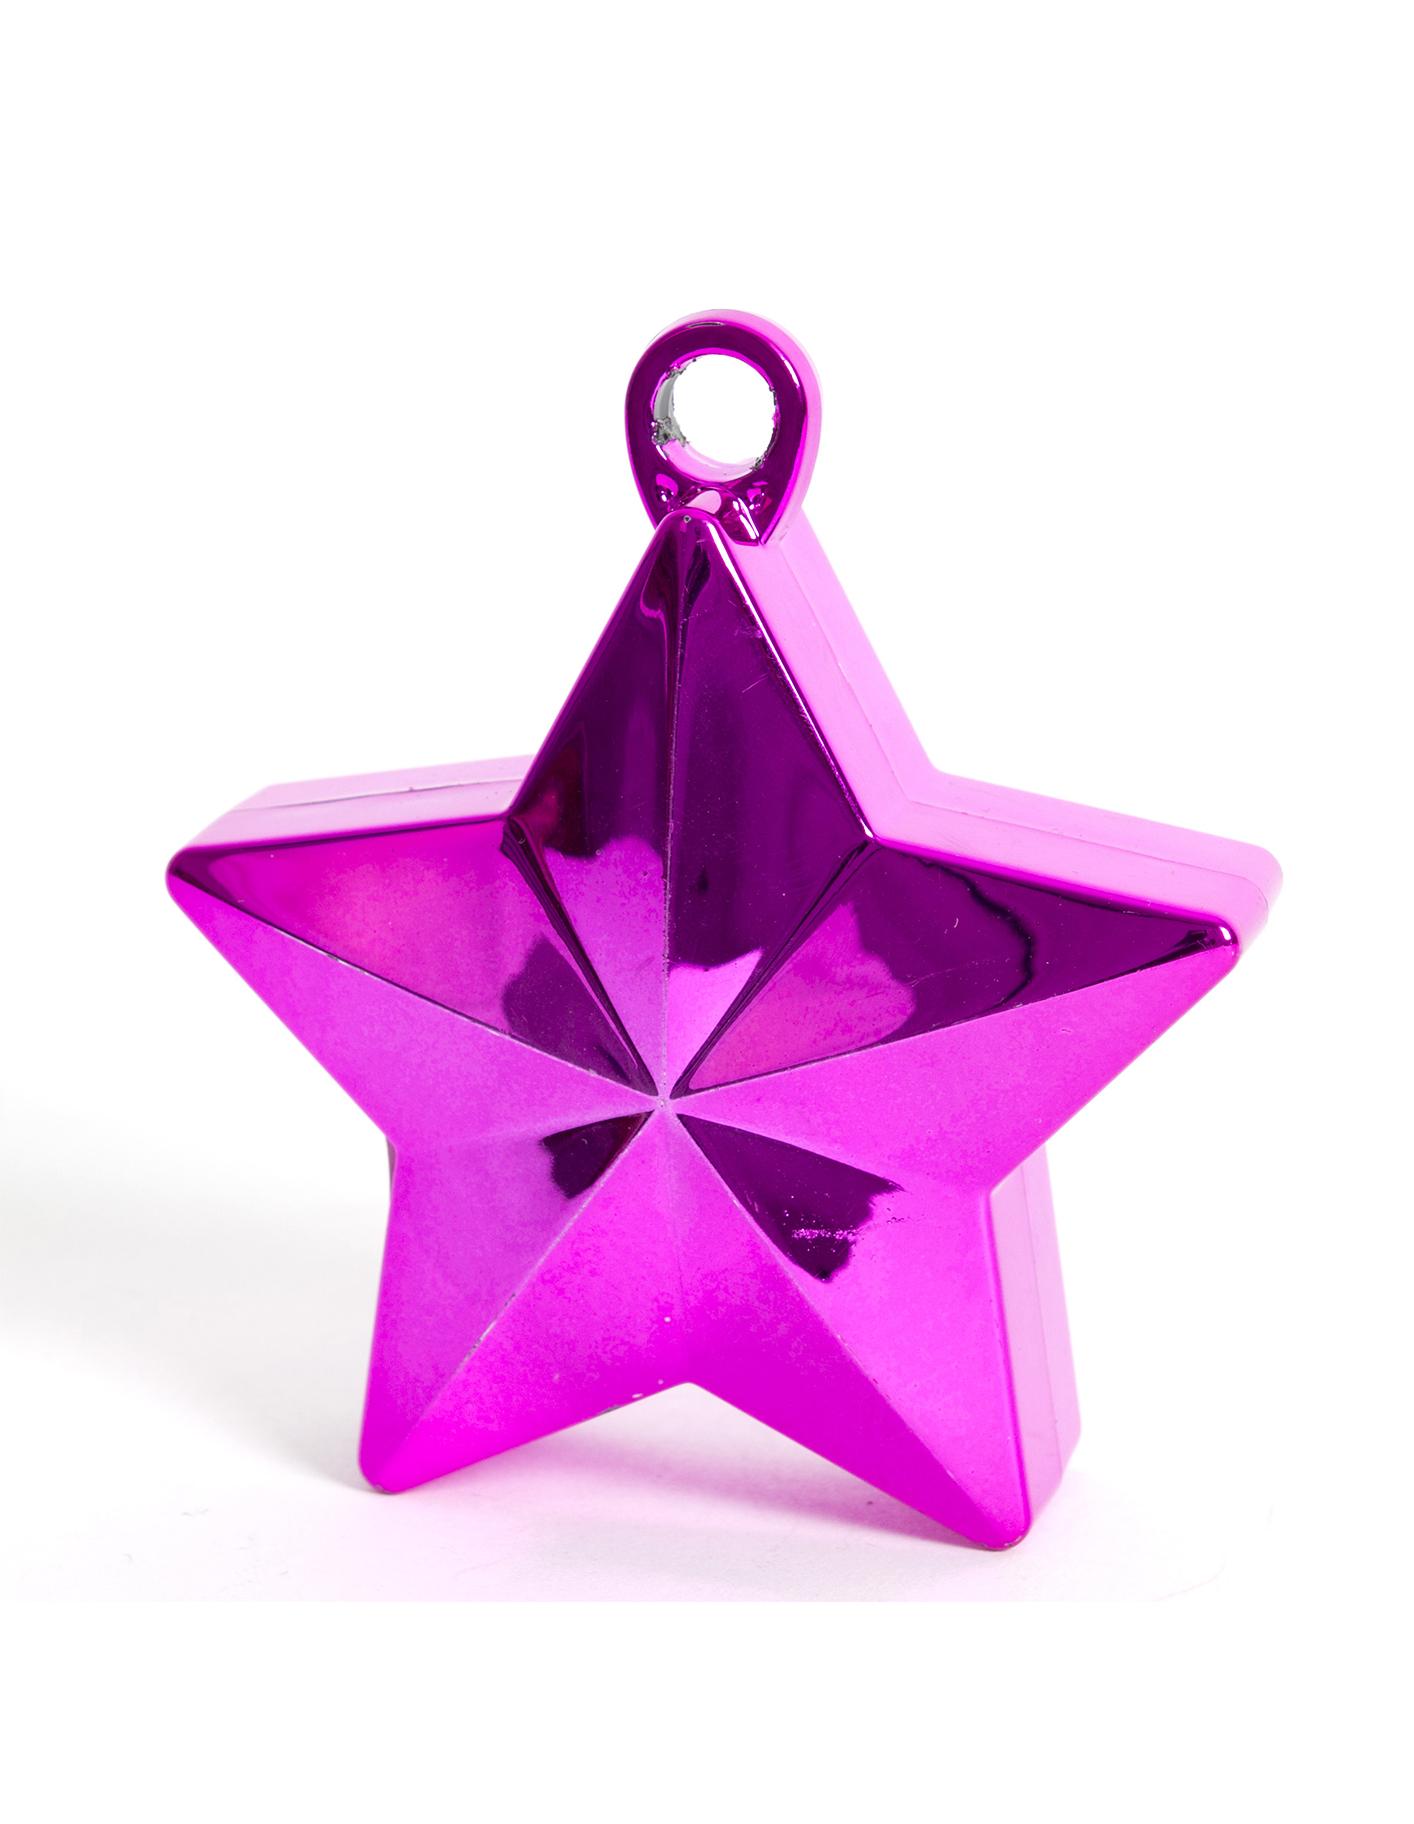 Грузик звёздочка, фиолетовый